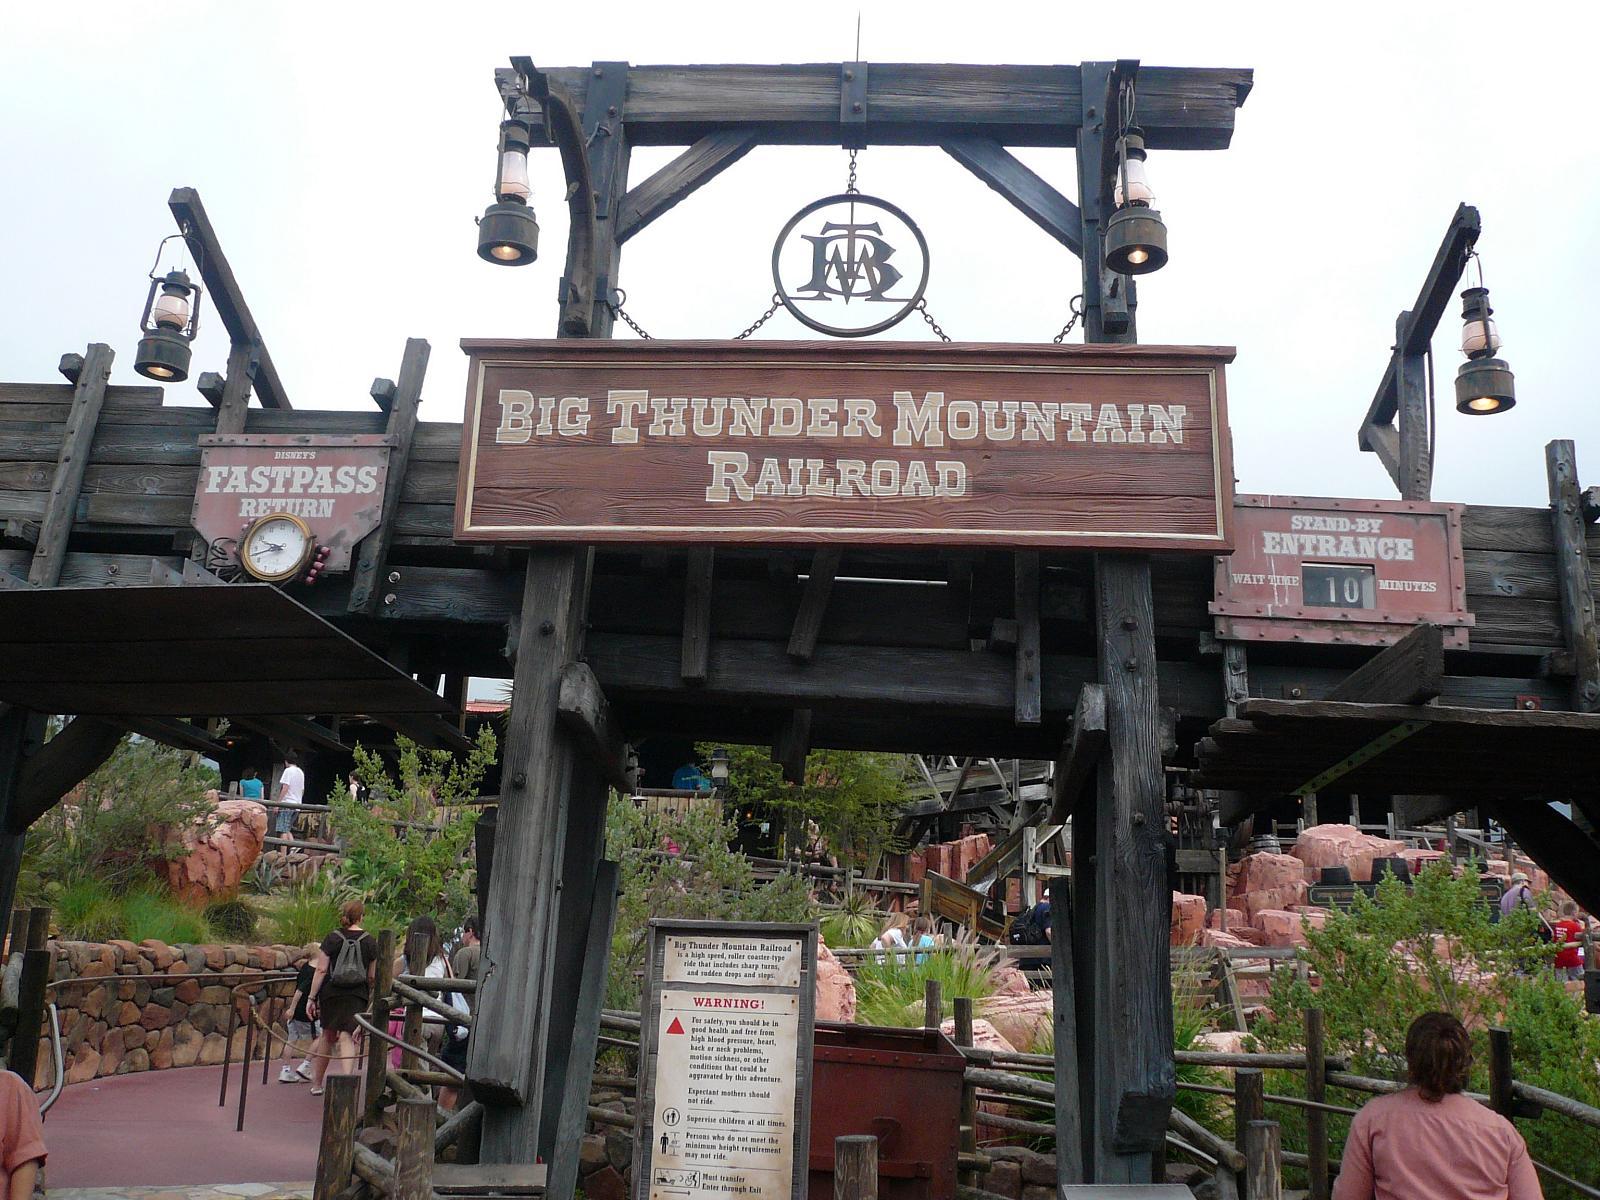 Big thunder mountain ✓✓✓ dieses und weitere bilder zu disneyland resort paris / euro disney in bussy saint georges beim testsieger holidaycheck finden. Big Thunder Mountain Railroad Wikipedia